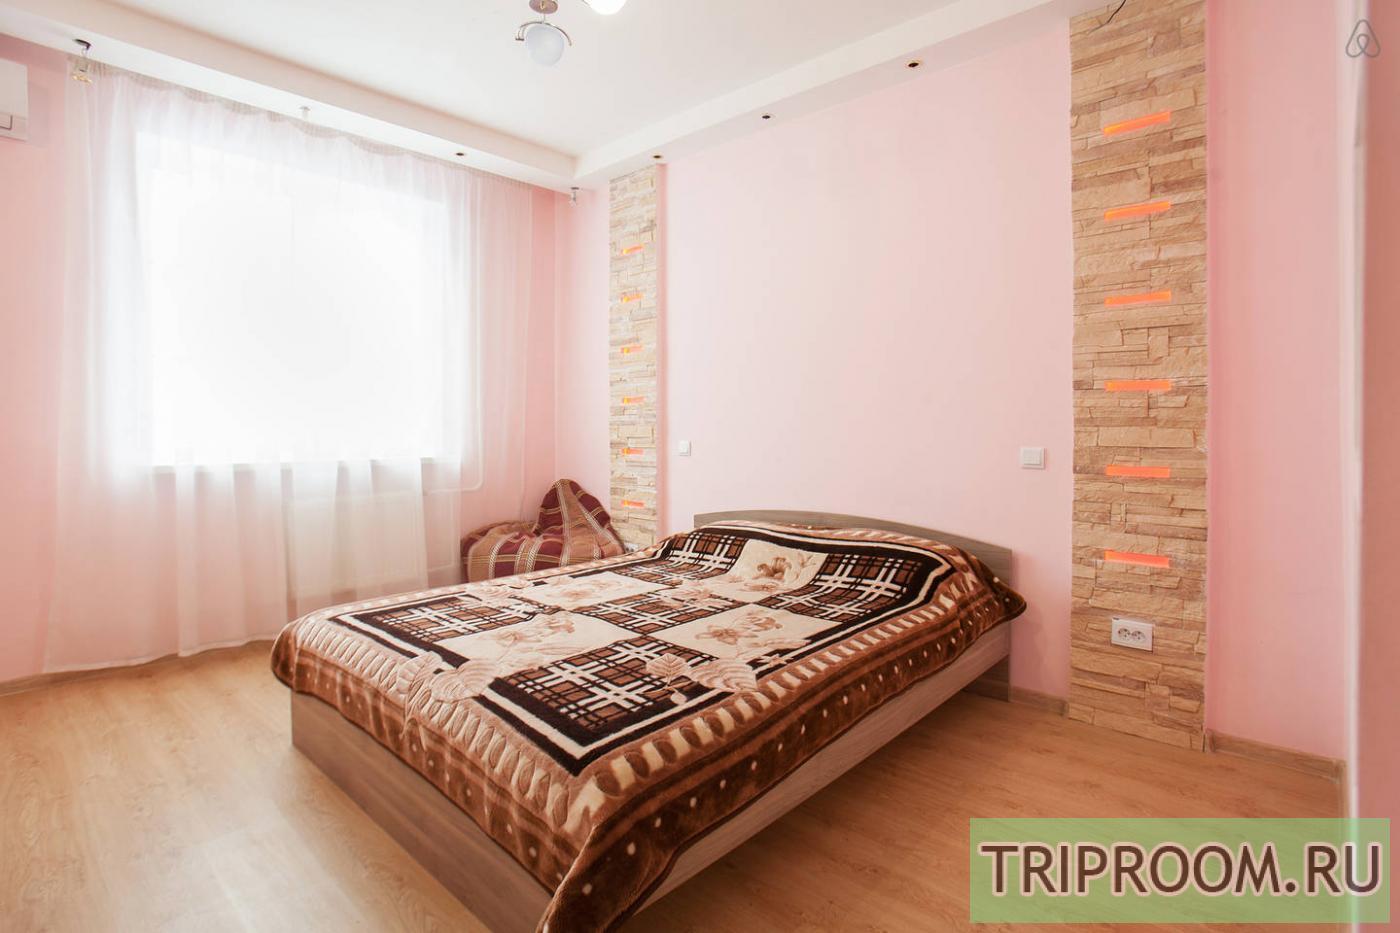 3-комнатная квартира посуточно (вариант № 1242), ул. Островского улица, фото № 3